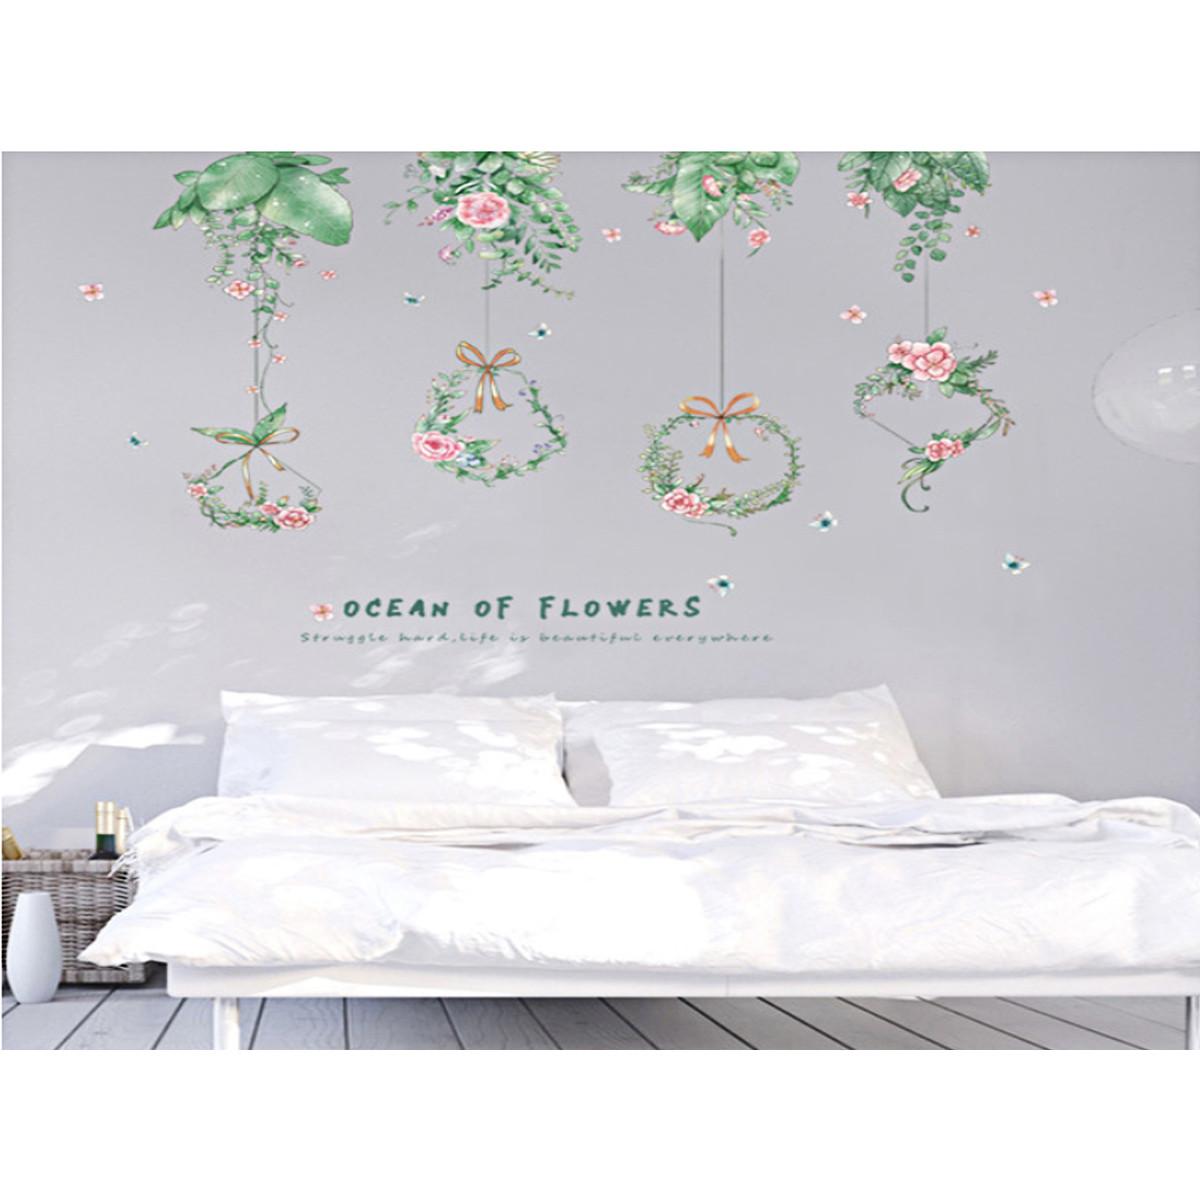 Decal dán tường trang trí phòng ngủ, phòng khách- Lá treo giỏ hoa-mã sp XC9053